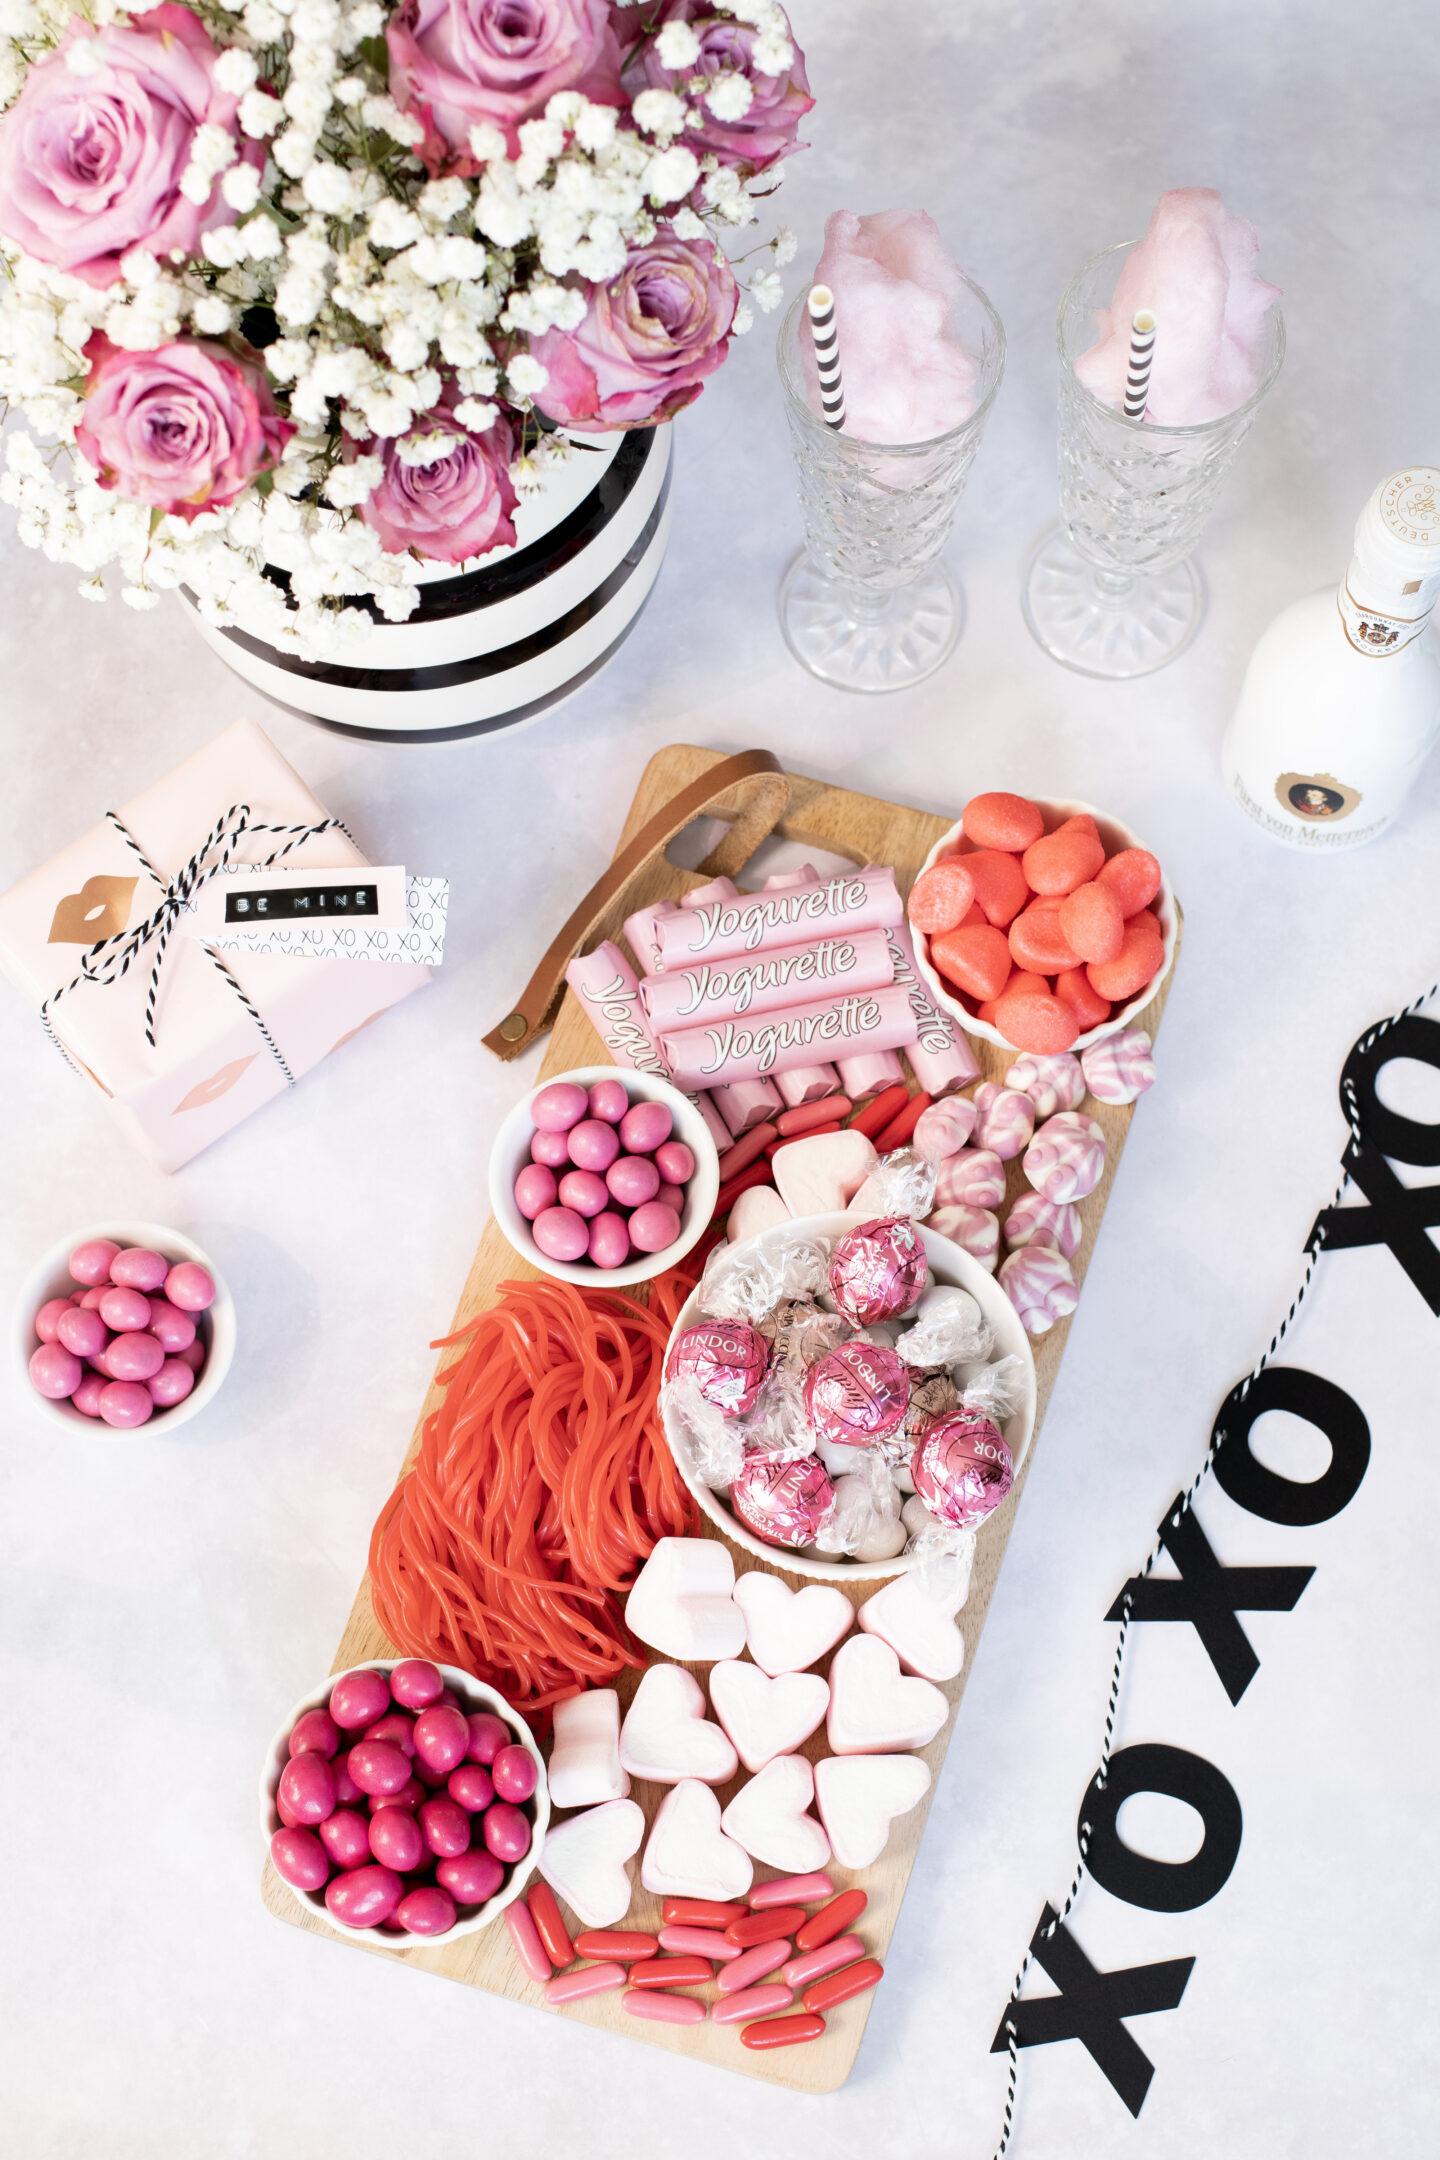 Das Candy Board: Süße Überraschung zum Valentinstag